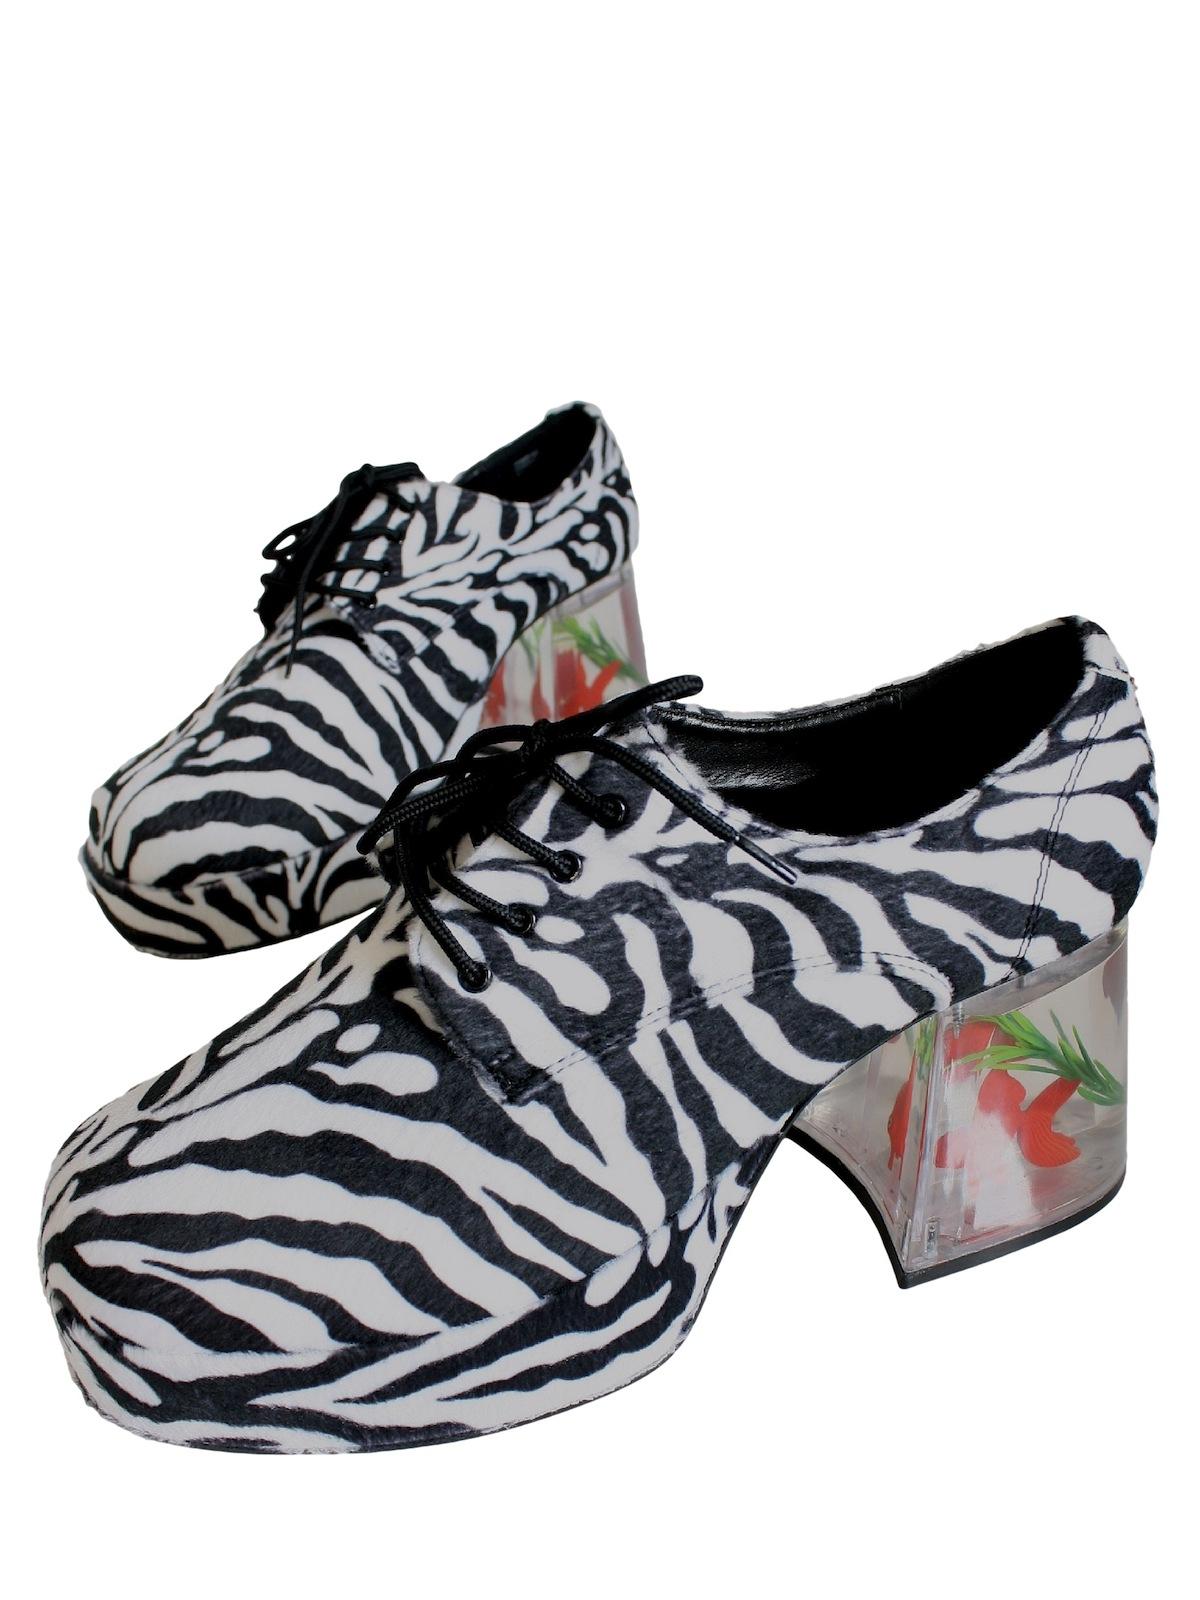 1970s Vintage Shoes 70s Reproduction Zebra Print